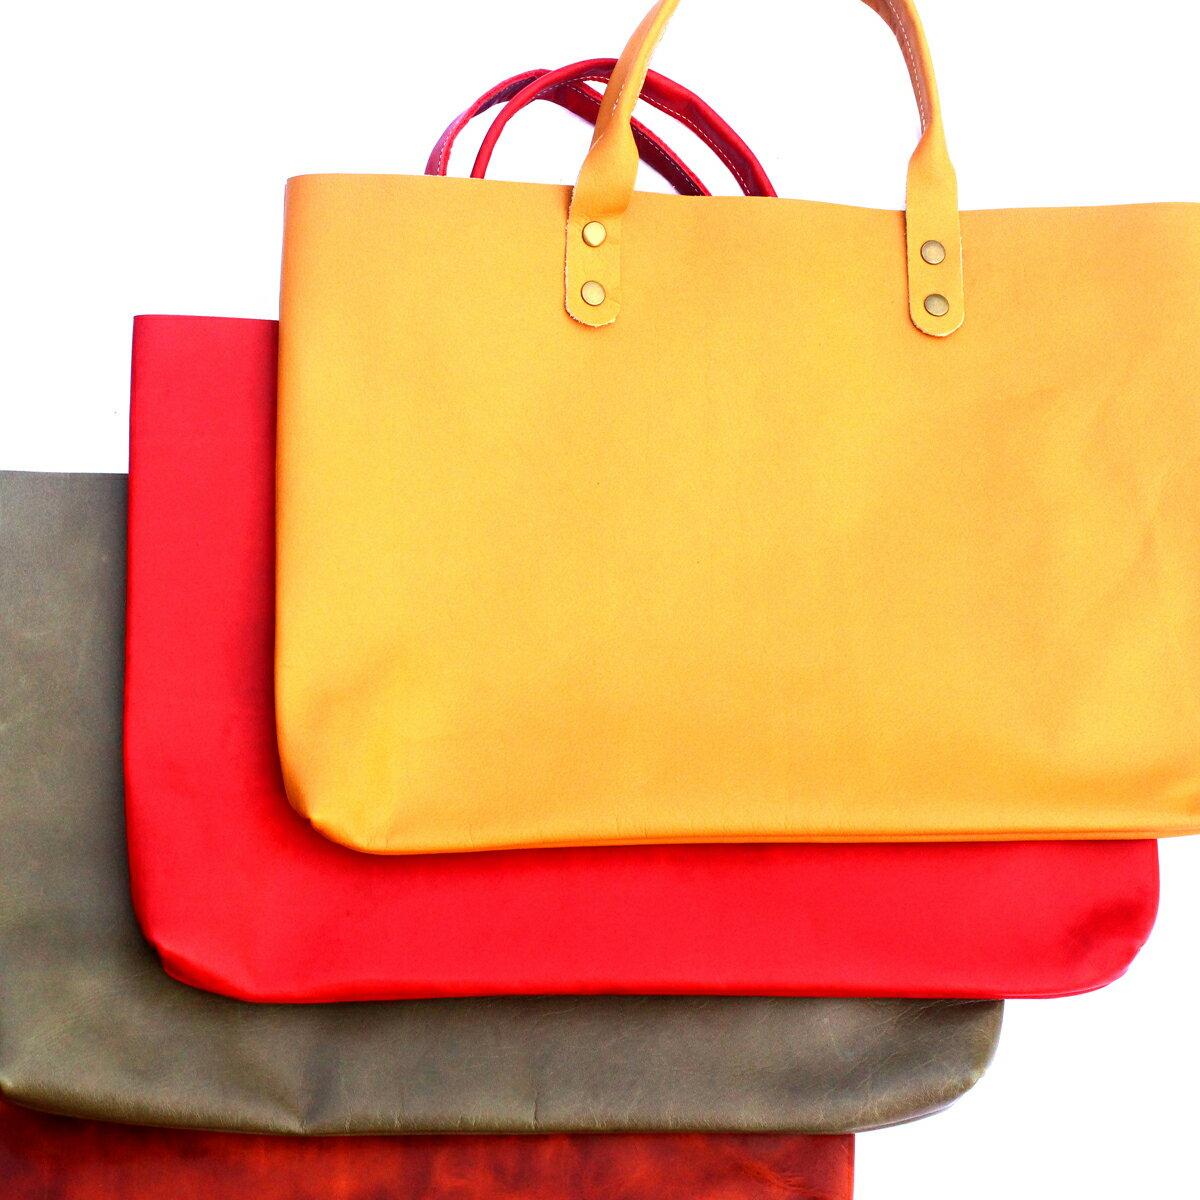 """本革 バッグ ハンドバッグ トートバッグ A4 a4 レザー 革 工場直送 はぎれ 鞄 カバン 手提げ バッグ バック レディース メンズ 製造現場の""""もったいない""""から生まれたバッグ 余剰品"""